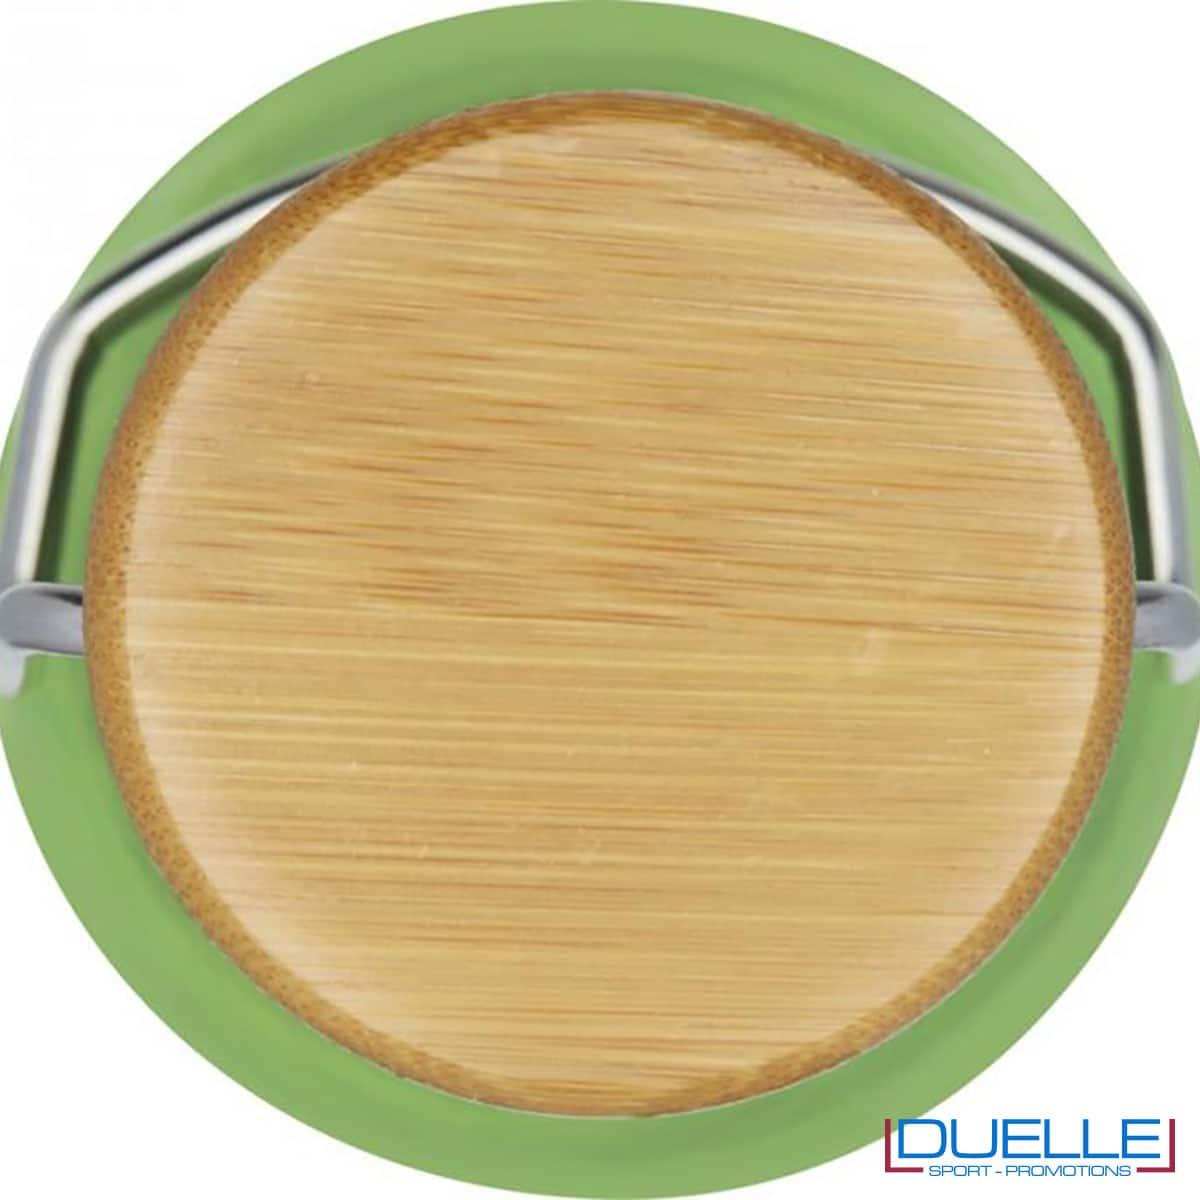 tappo in bamboo borraccia verde in tritan